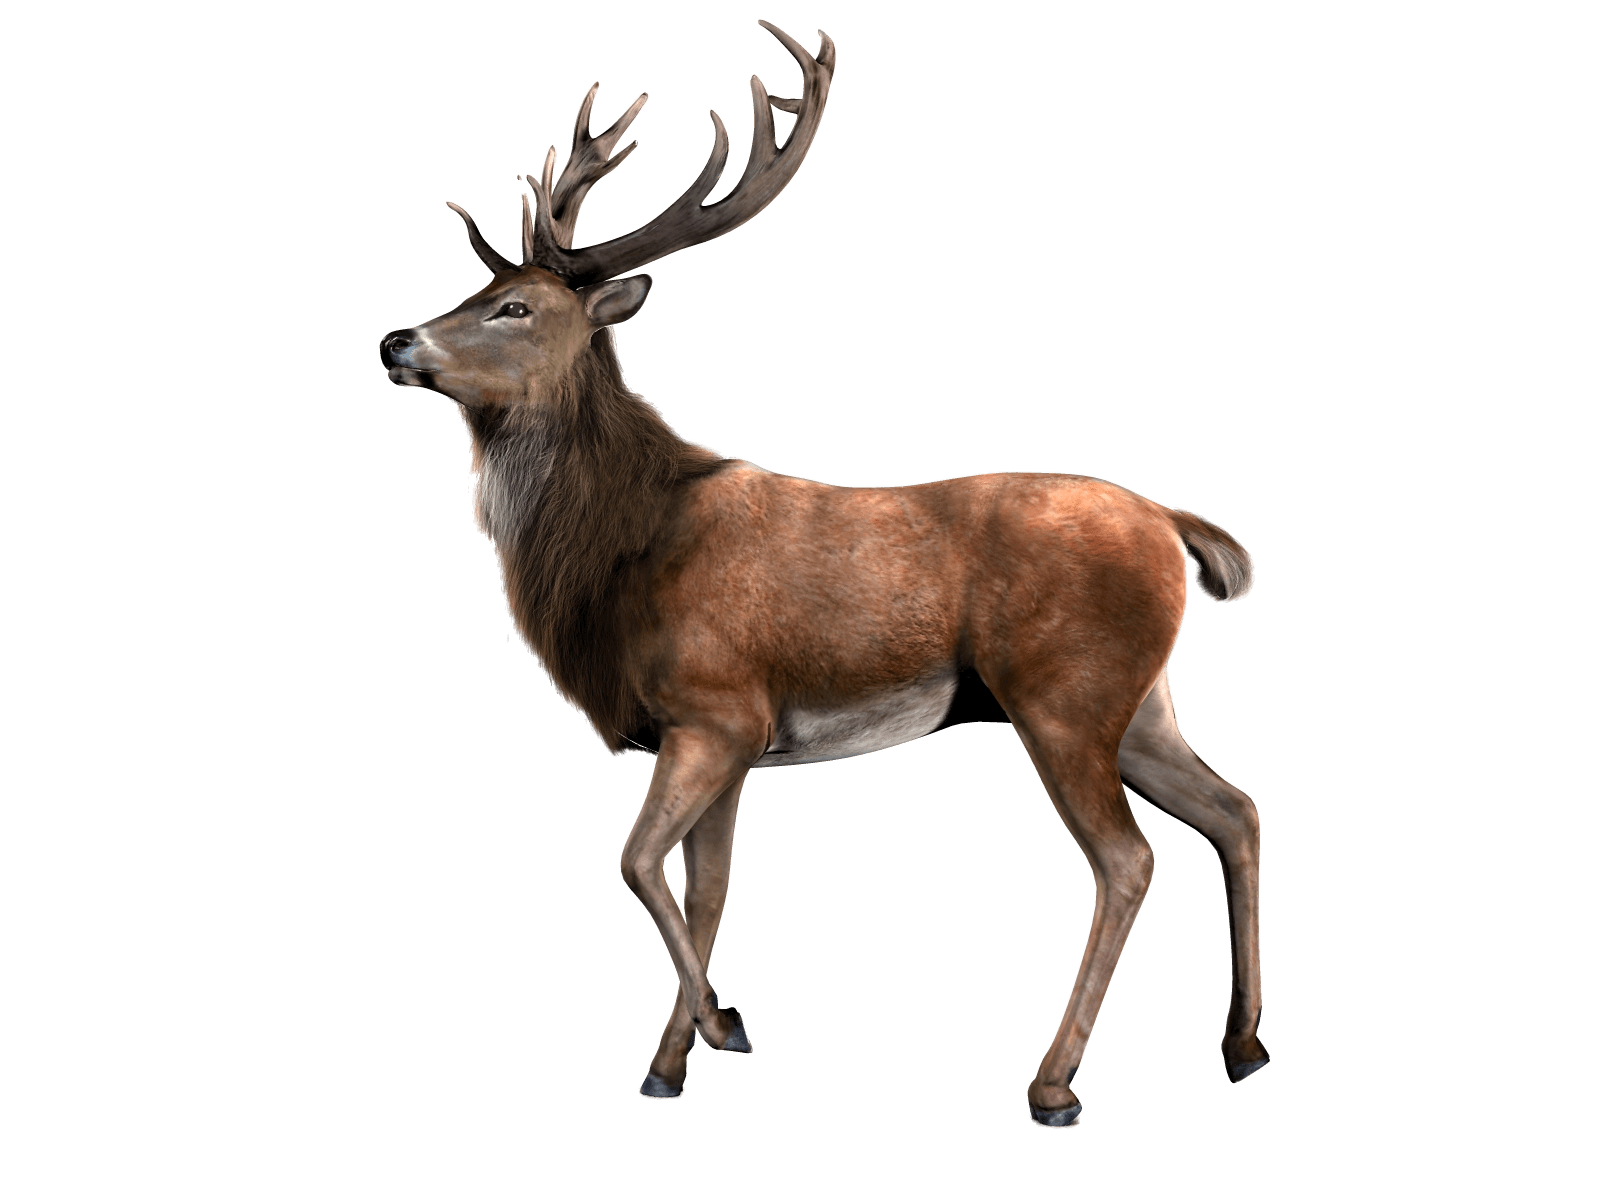 Single Deer - Deer PNG